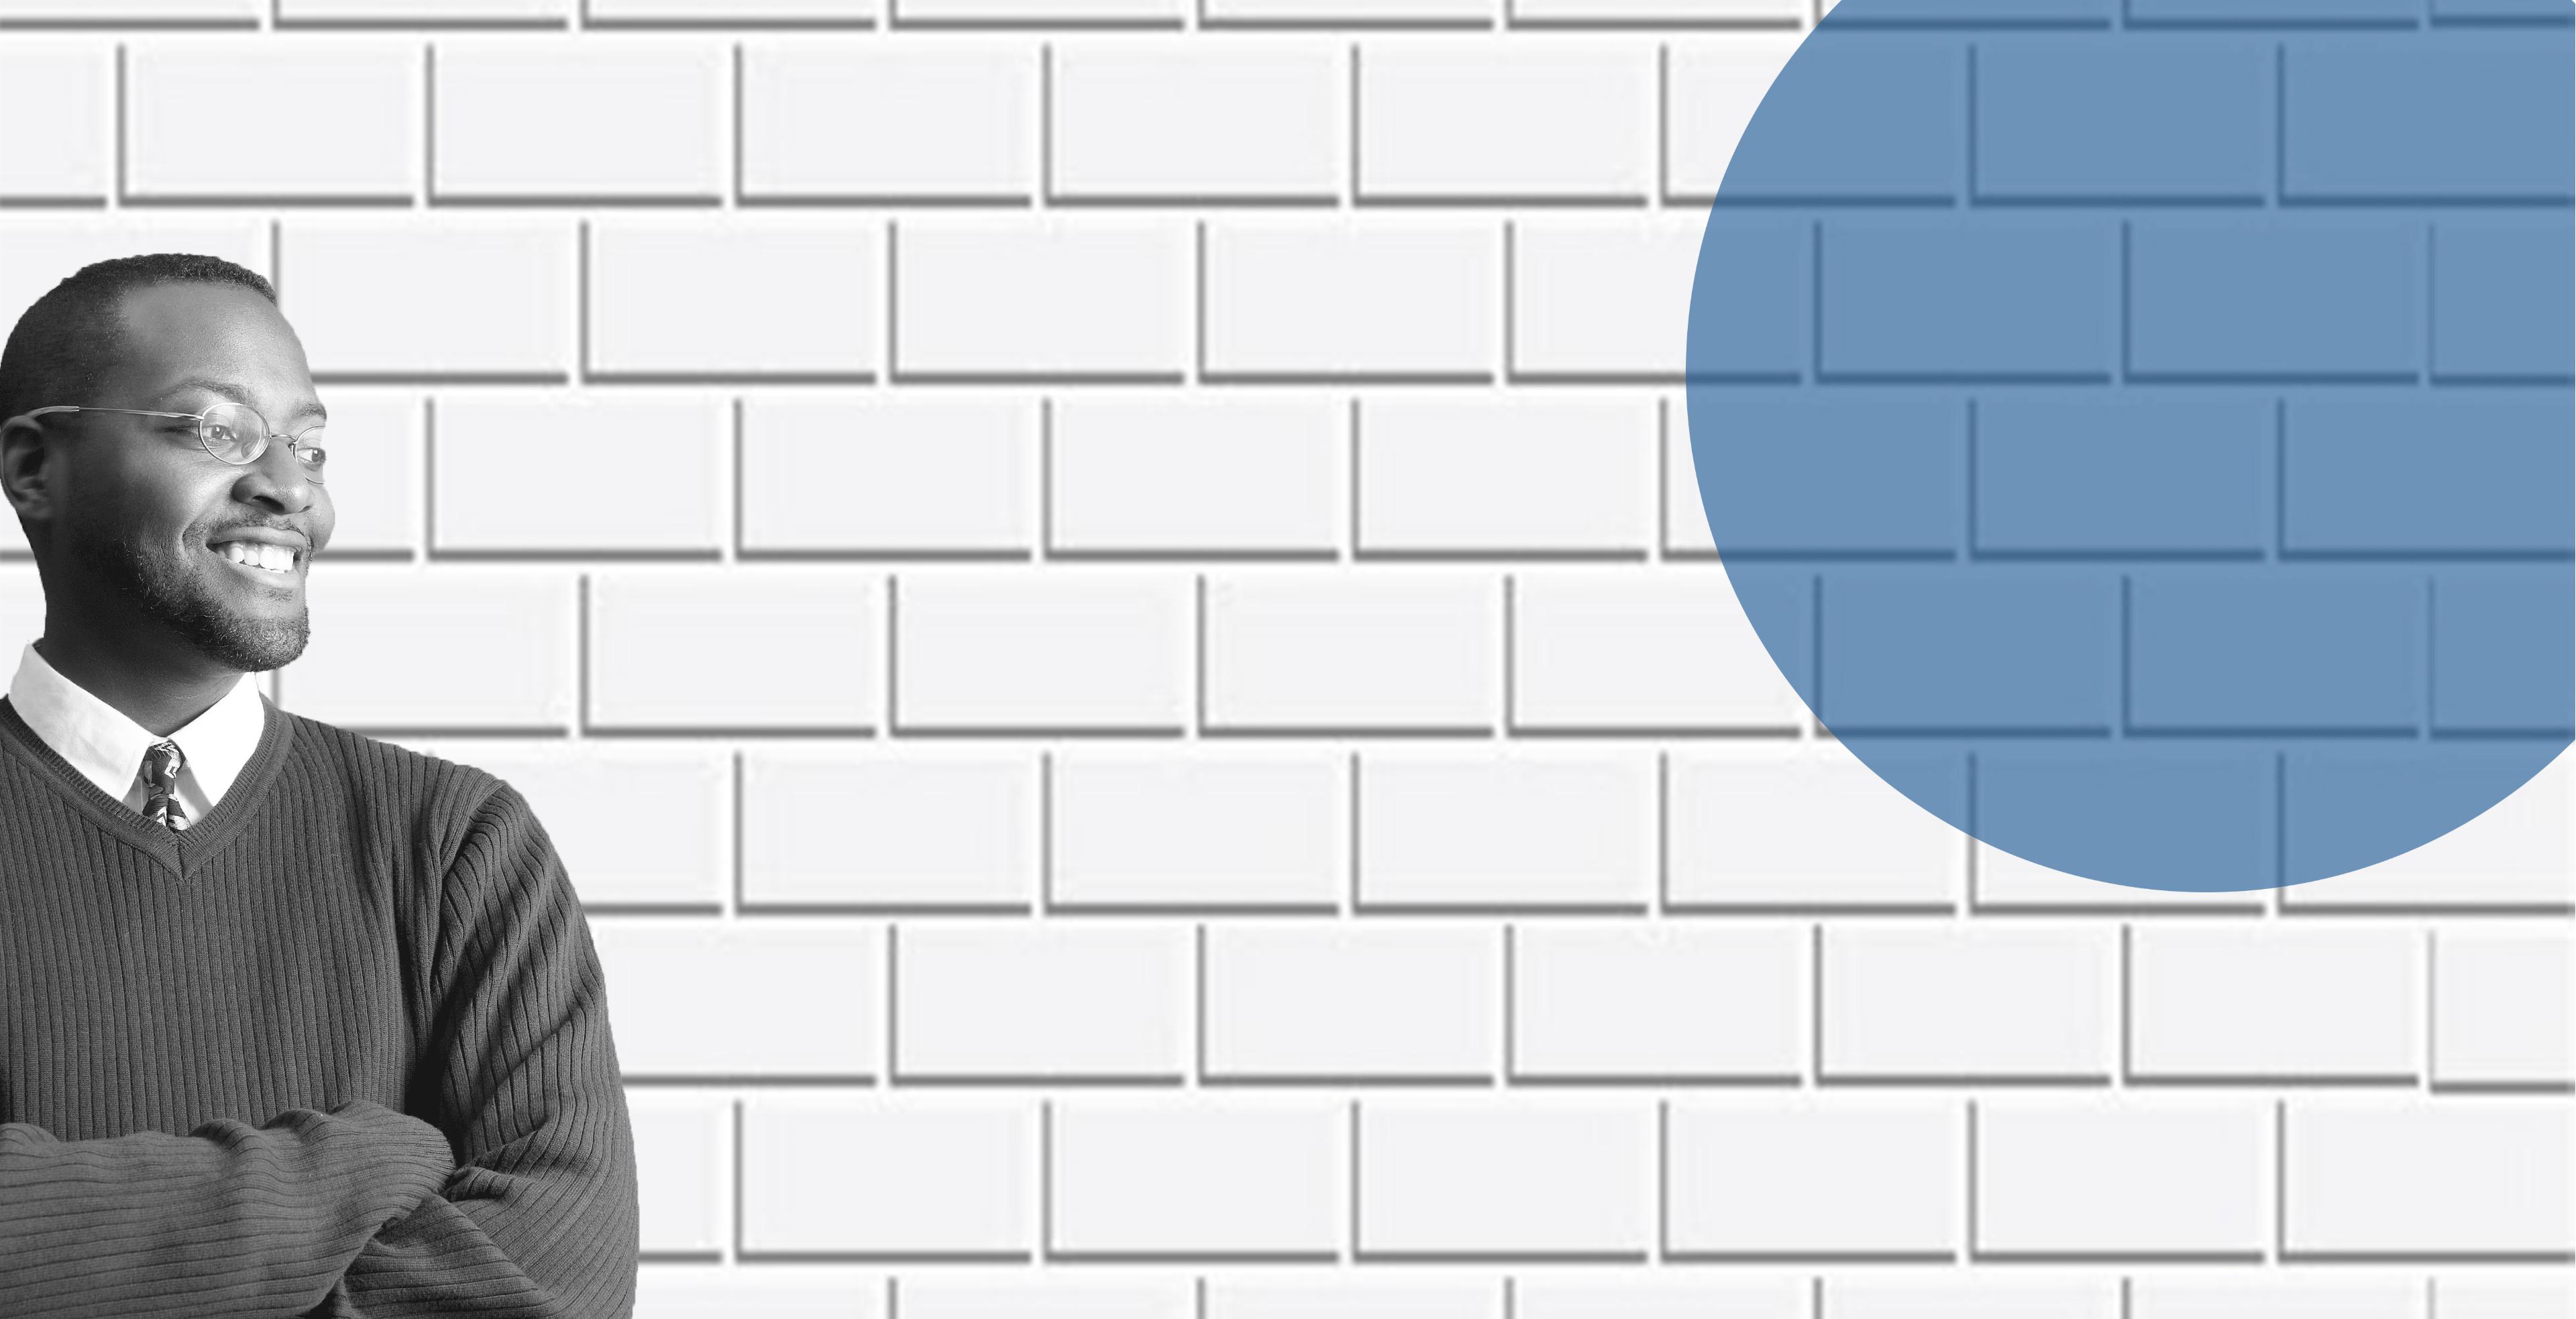 Principal_brick-wall_lp_header